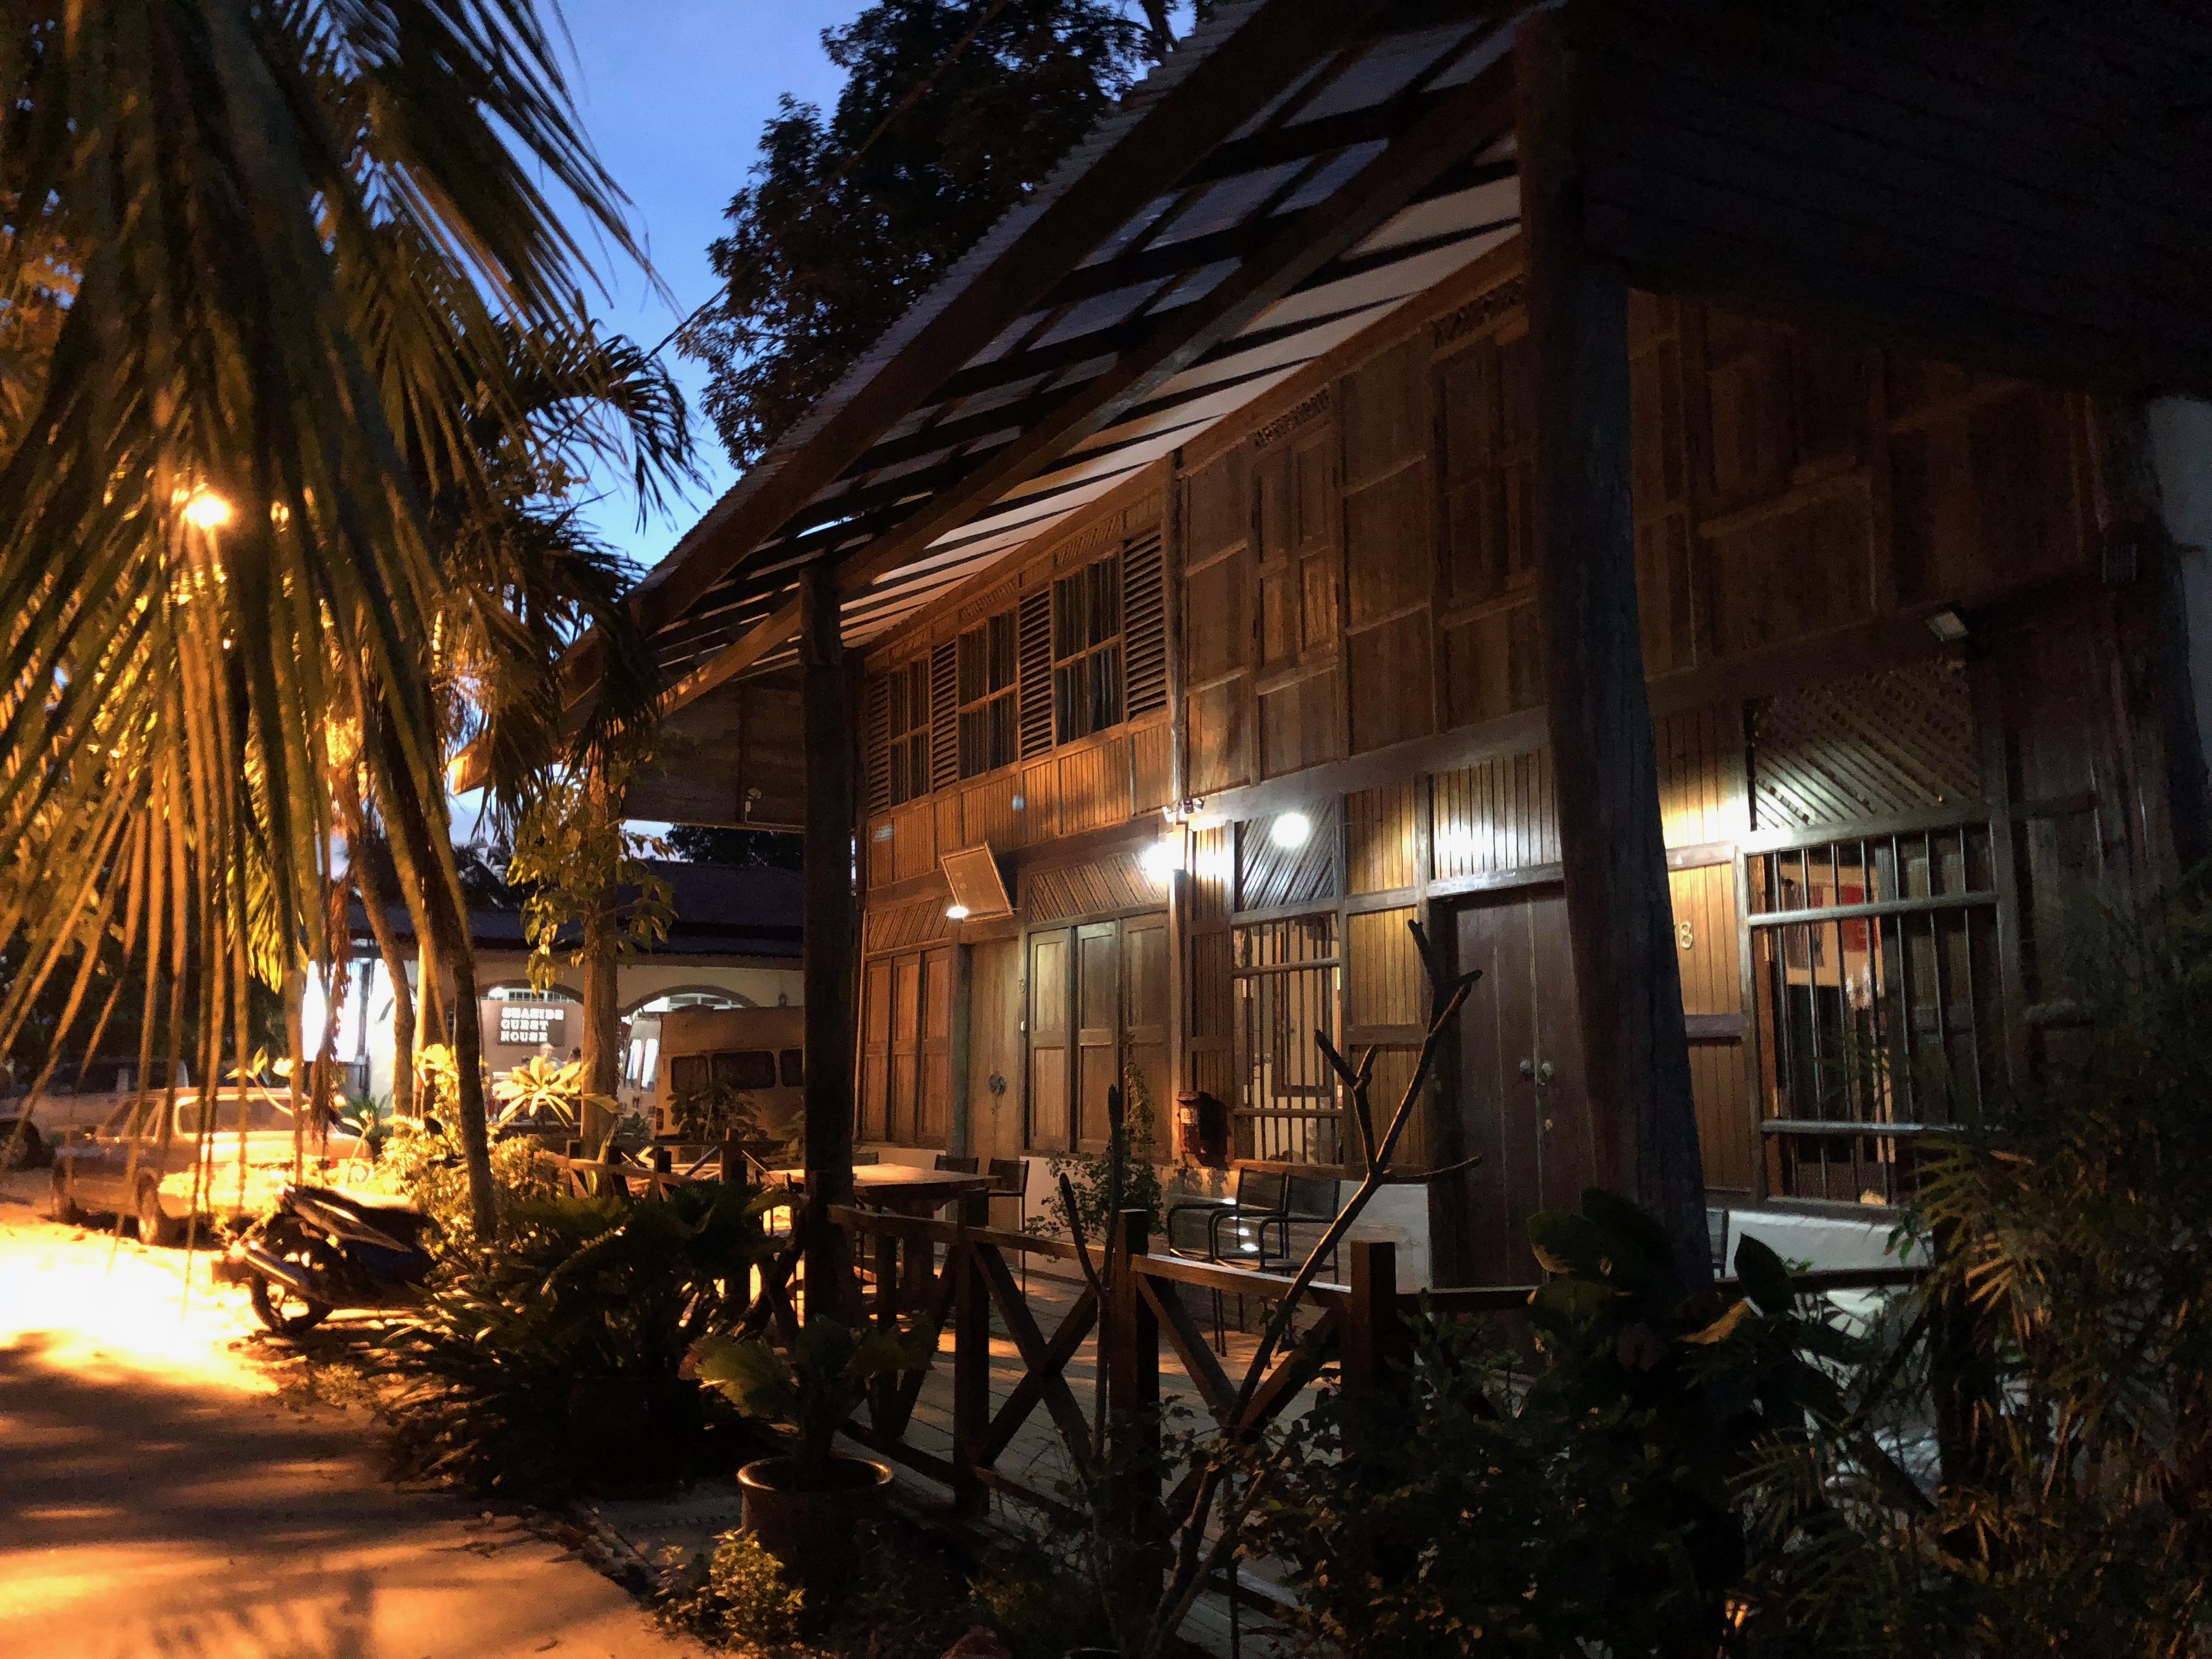 Kampung evening